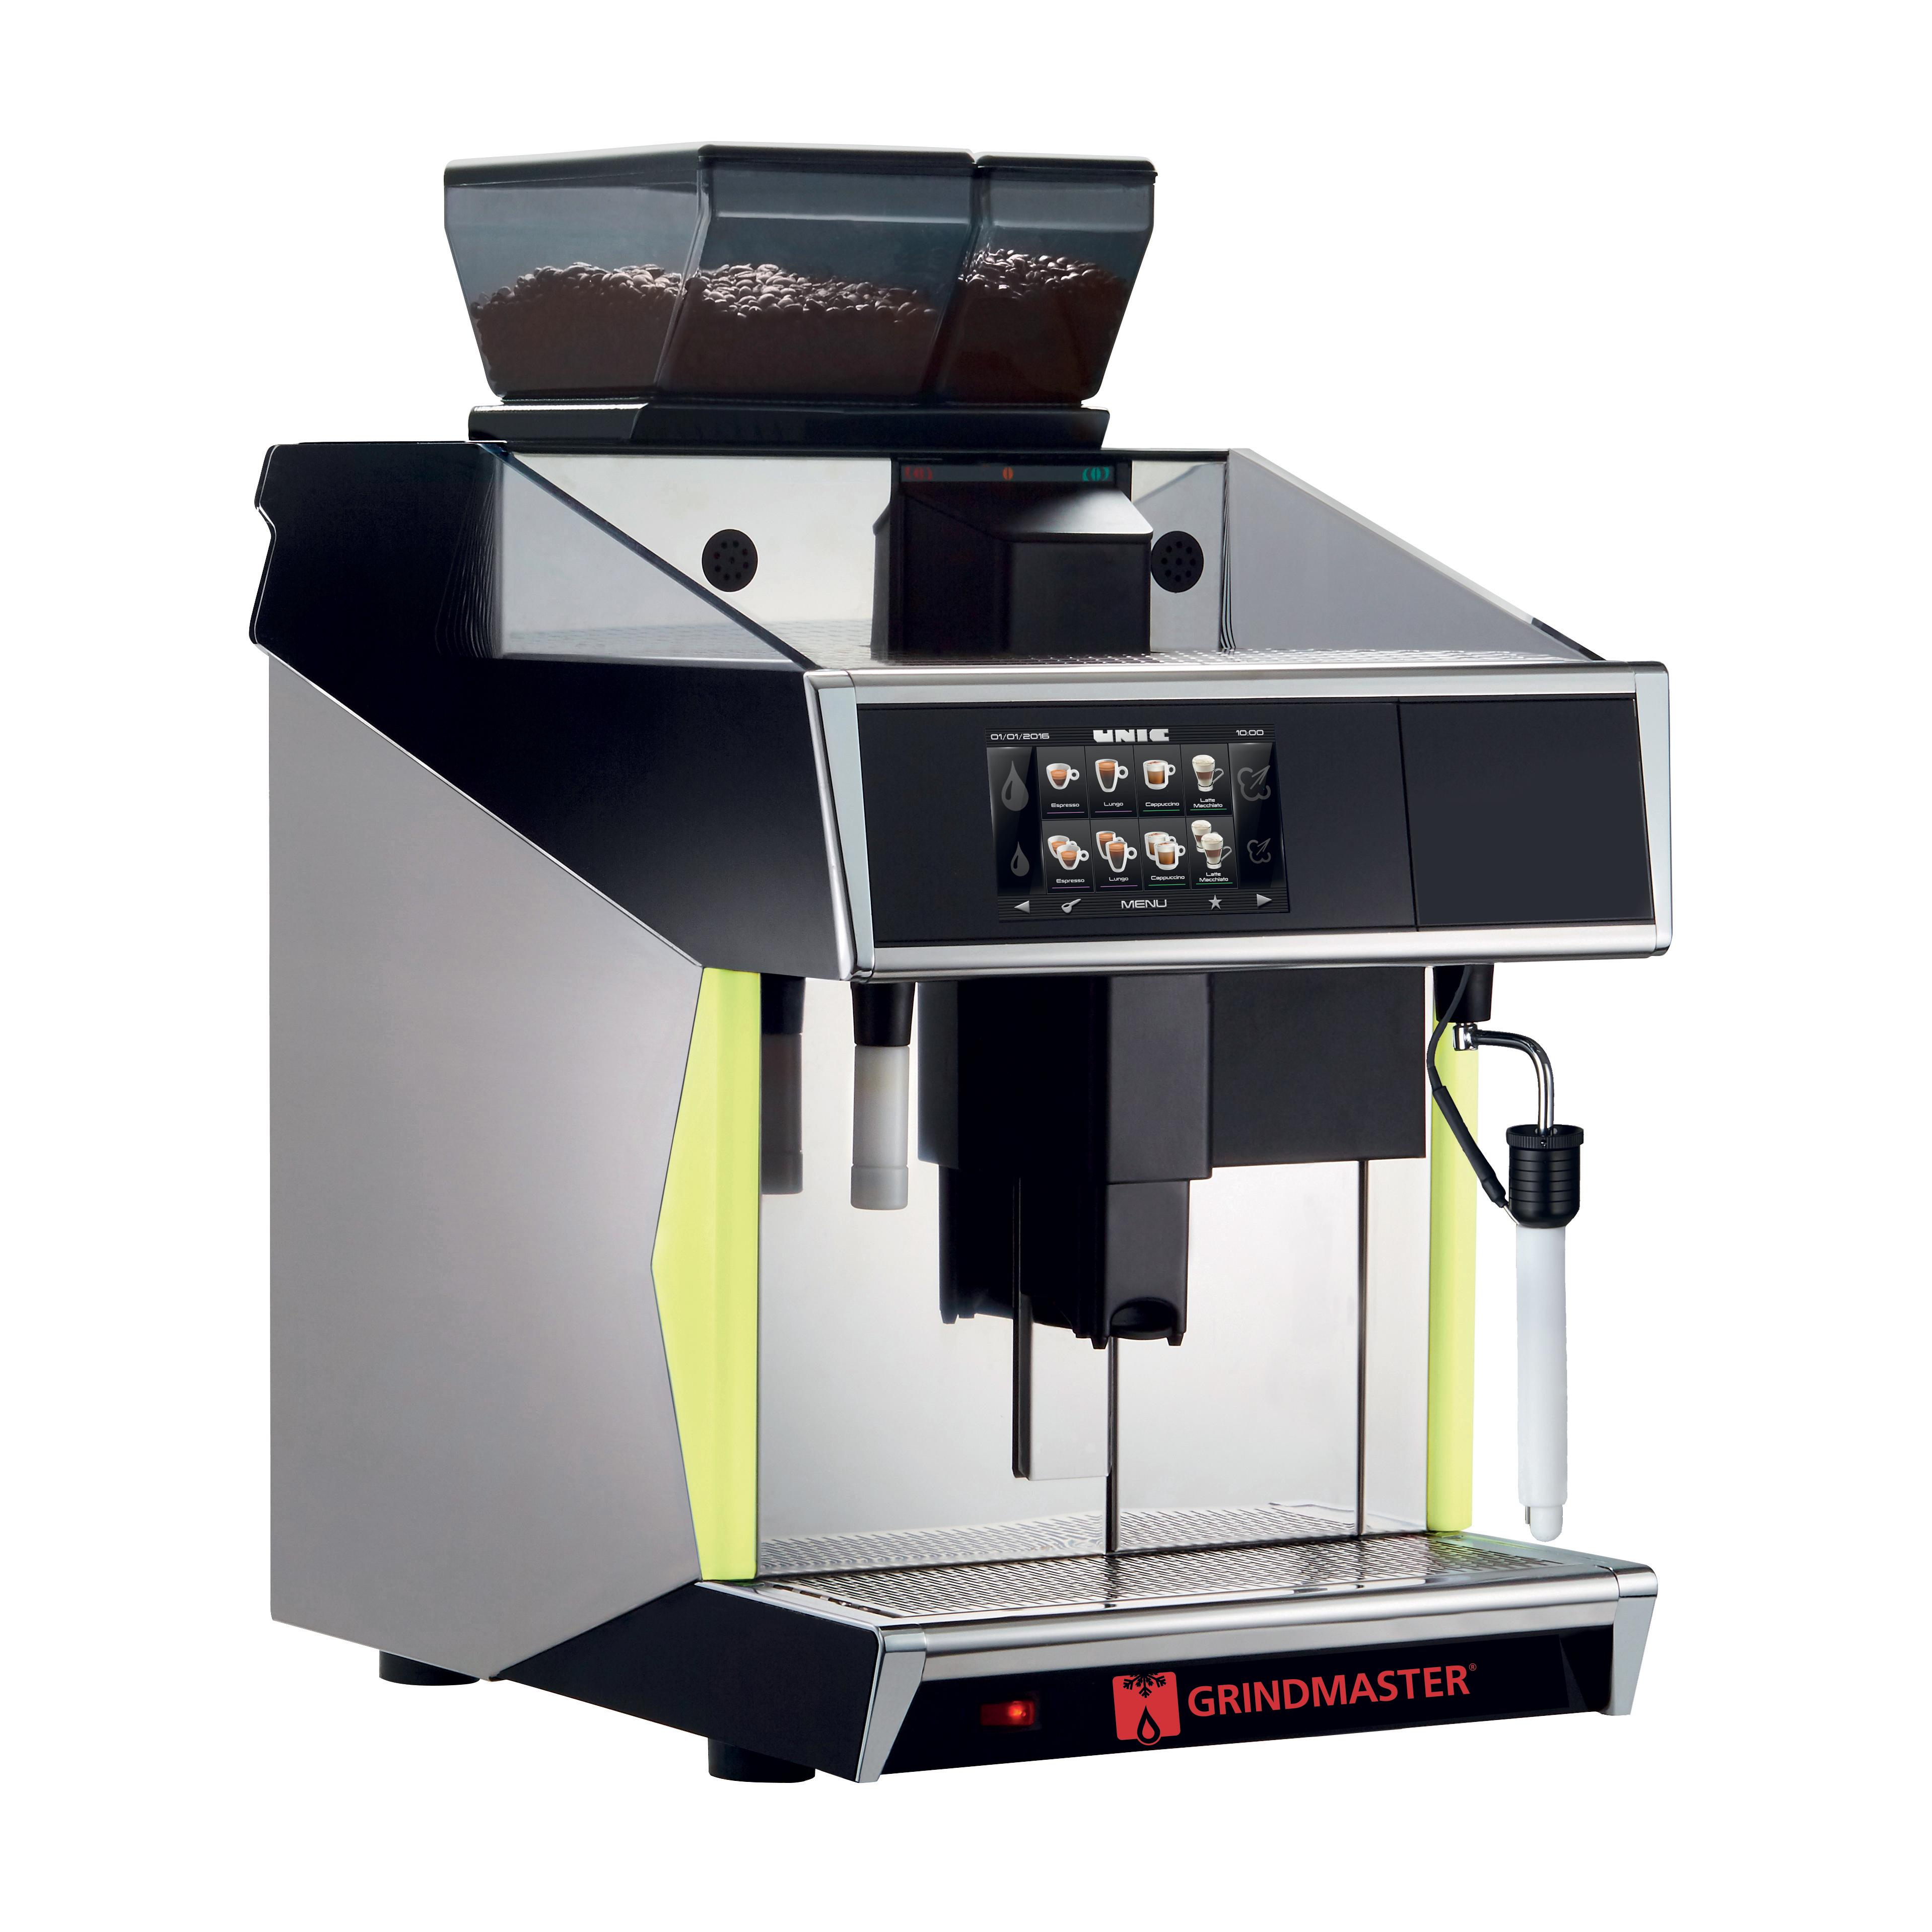 Grindmaster-Cecilware STP SOLO MILK espresso cappuccino machine